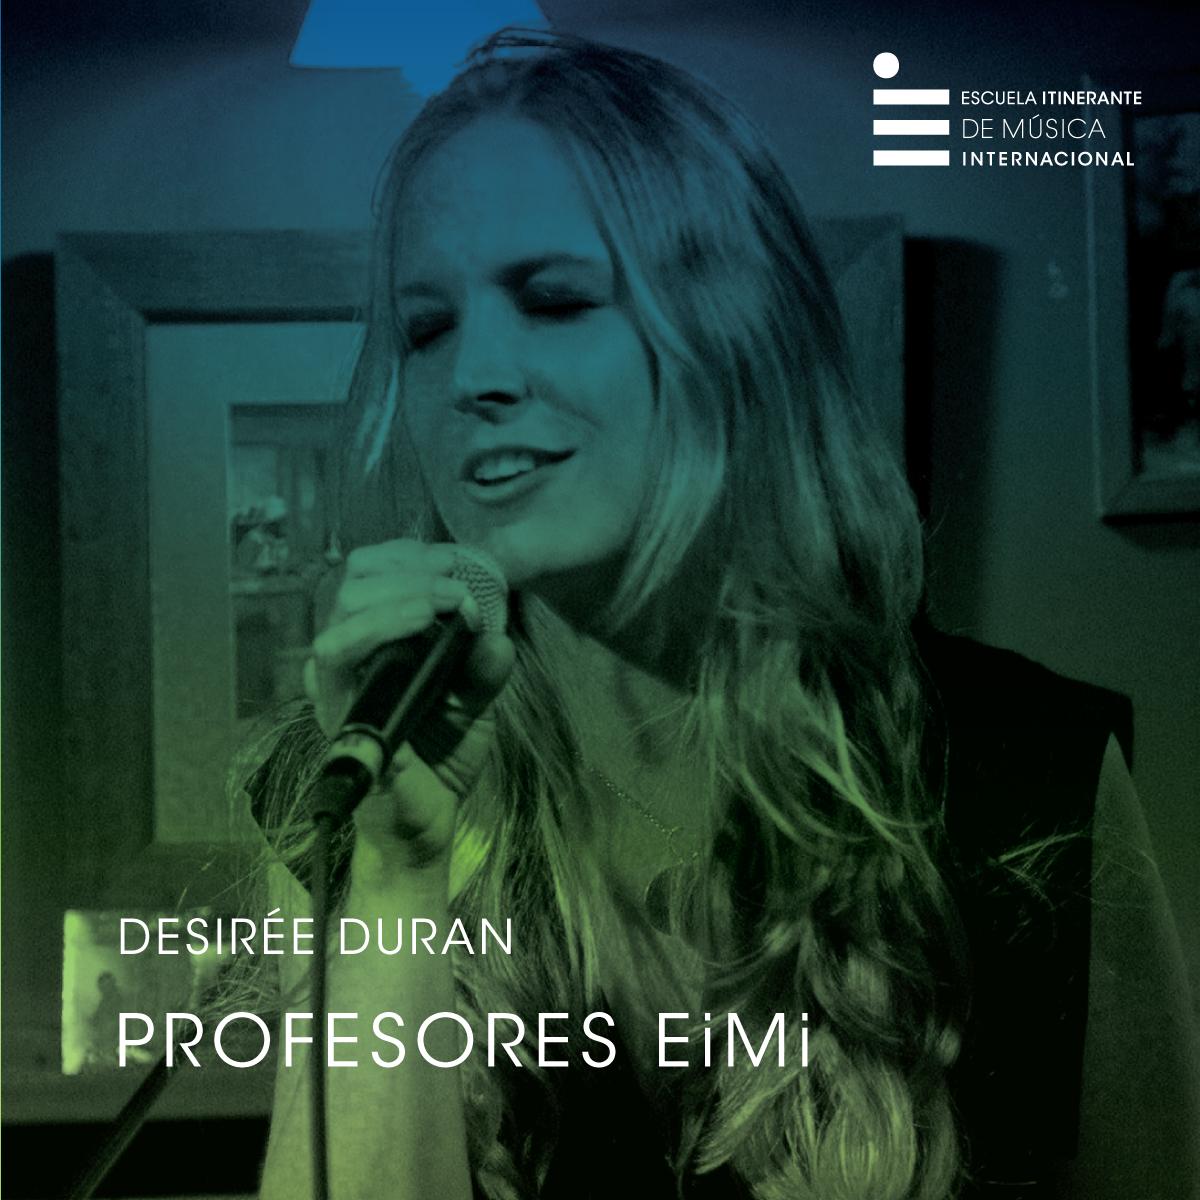 DESIRÉE Duran Prpfesora de canto Escuela Itinerante de Música Internacional